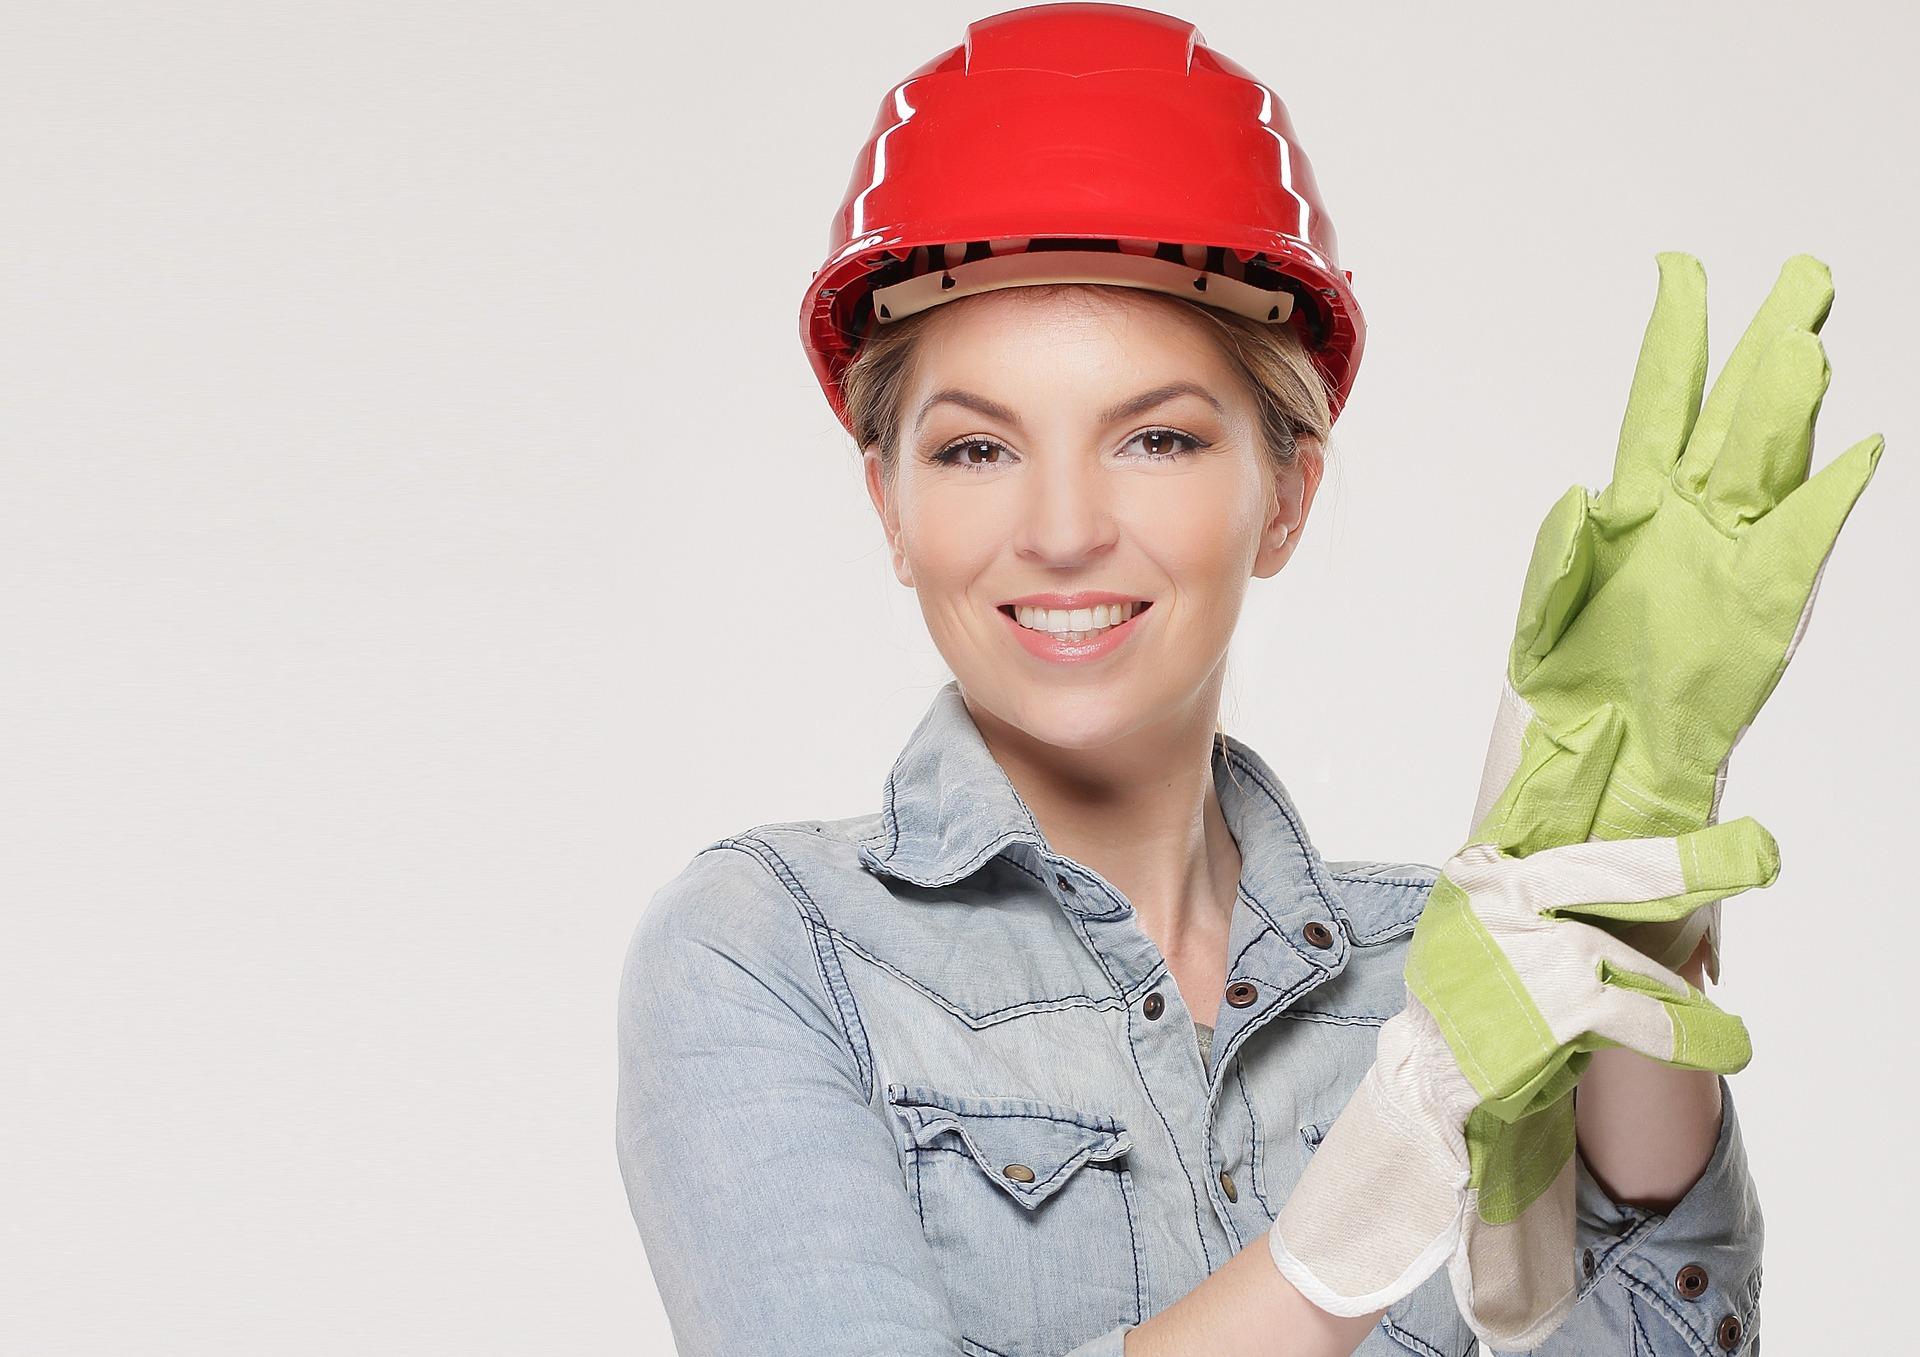 Unsere Erfahrungen beim Hausbau auf blogtante.de